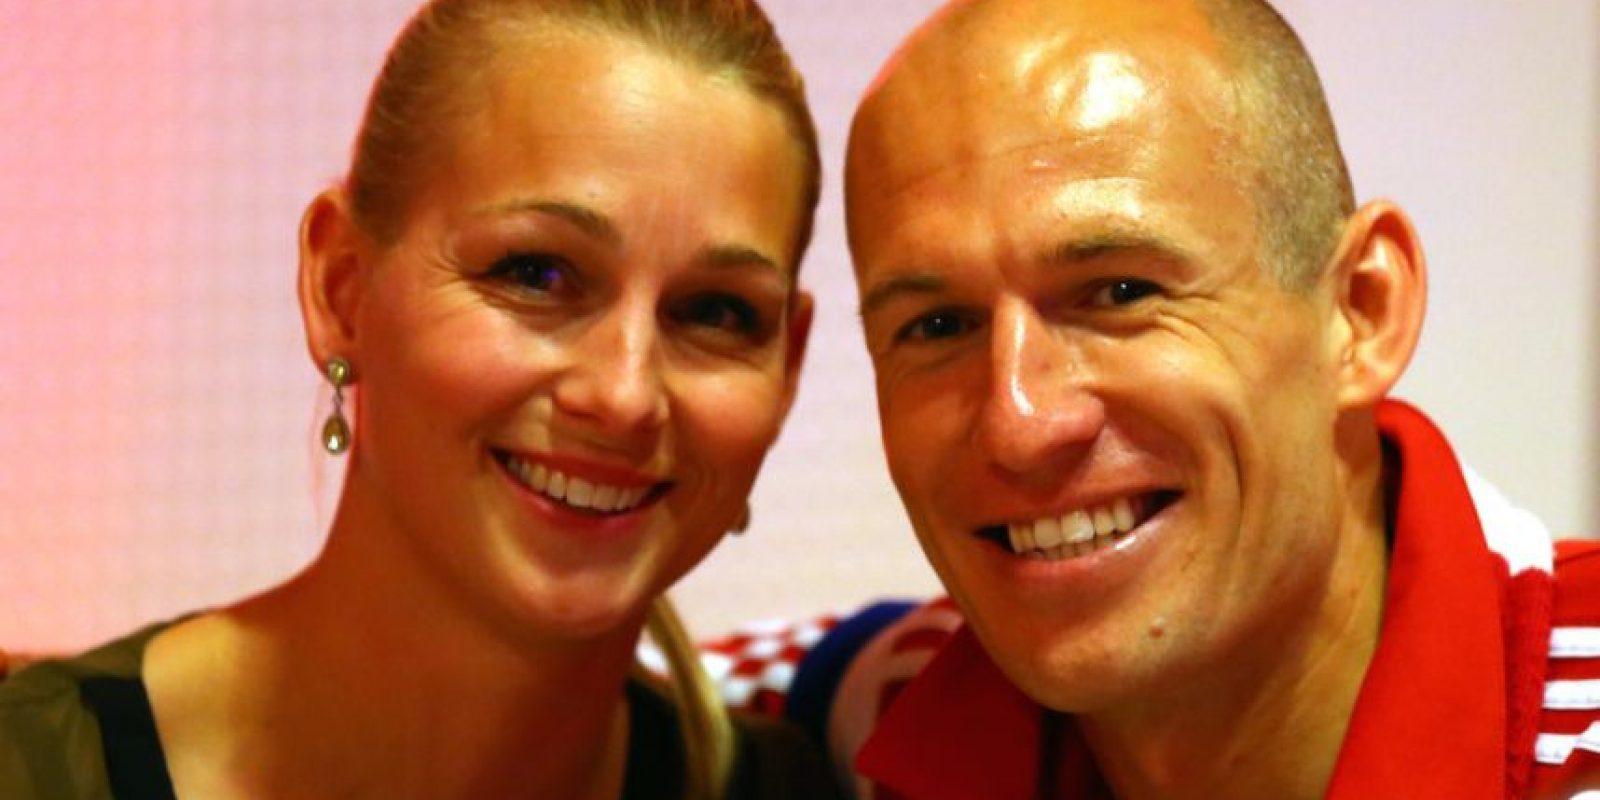 El futbolista holandés está felizmente casado desde 2007. Foto:Getty Images